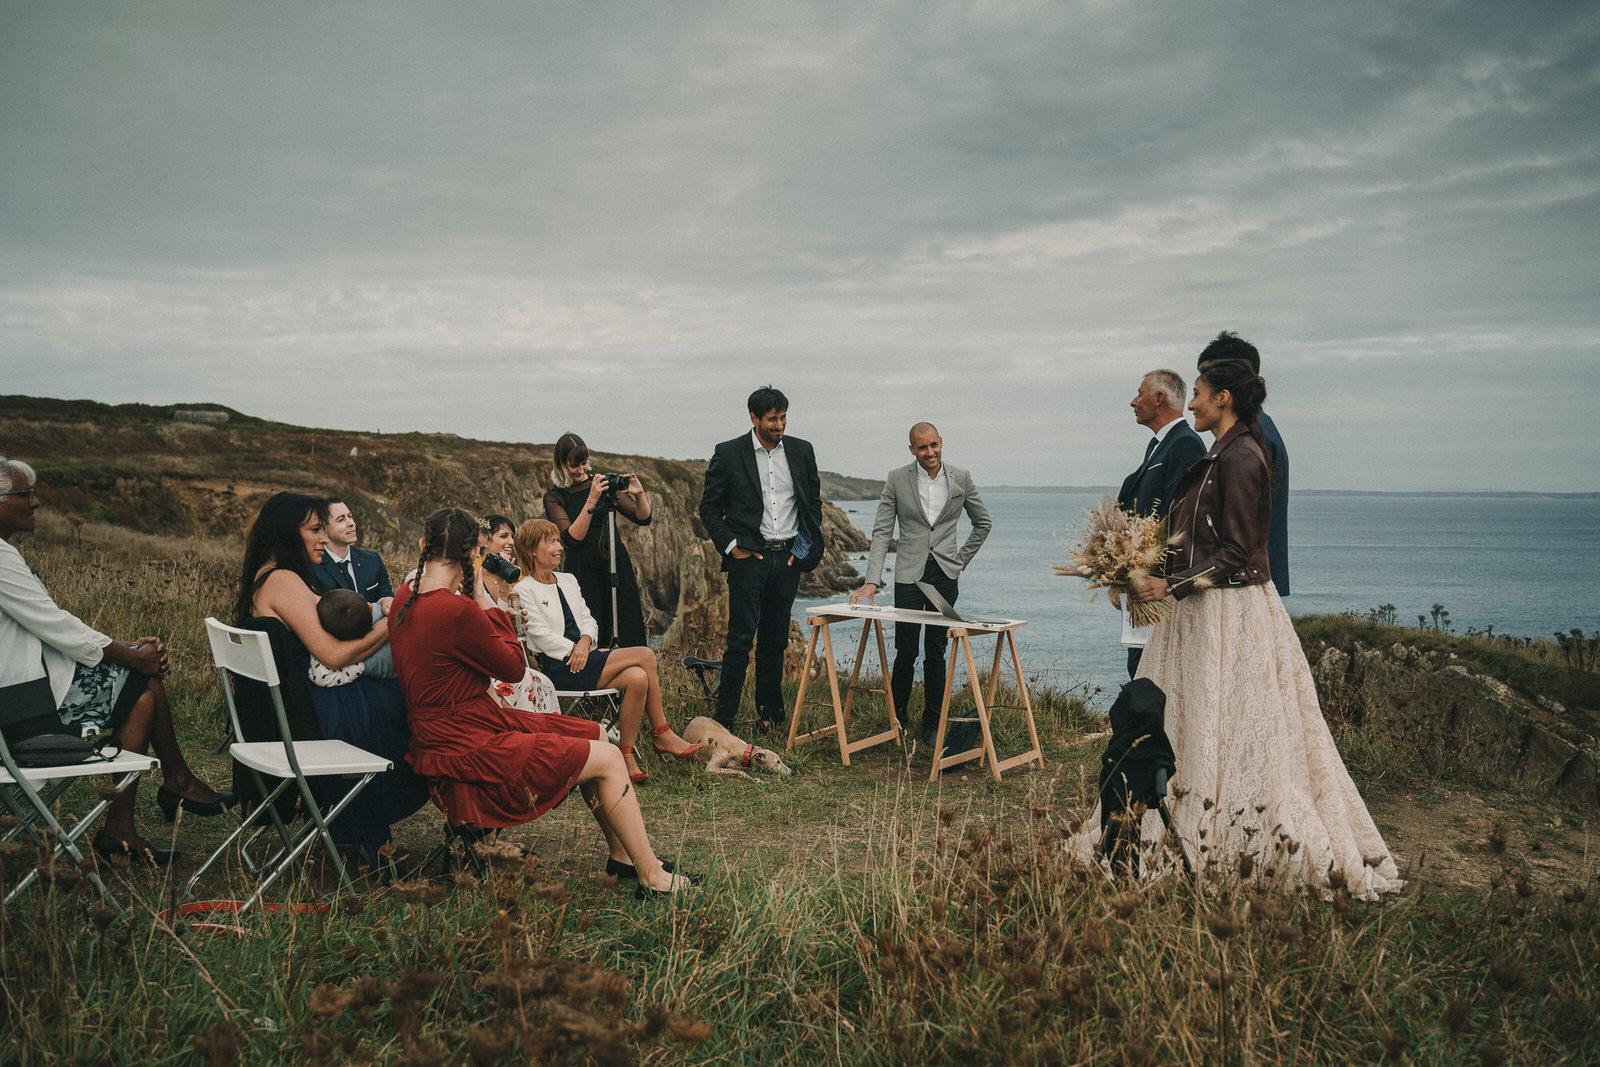 12789 Mariage Intime Élopement En Bord De Mer En Bretagne Rebecca Clement À Plougonvelin Www.antoineborzeix.fr , Photographe & Videaste à Brest / Finistère